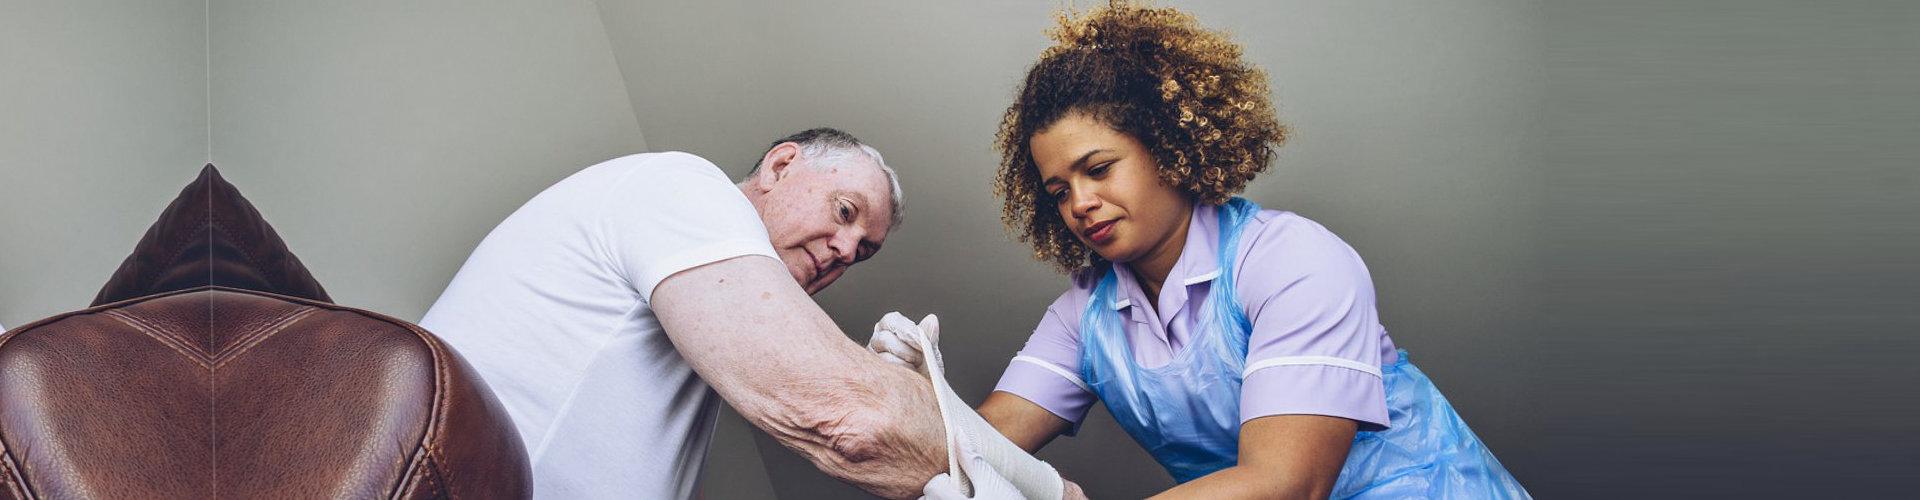 caregiver putting bandage on senior man's arm